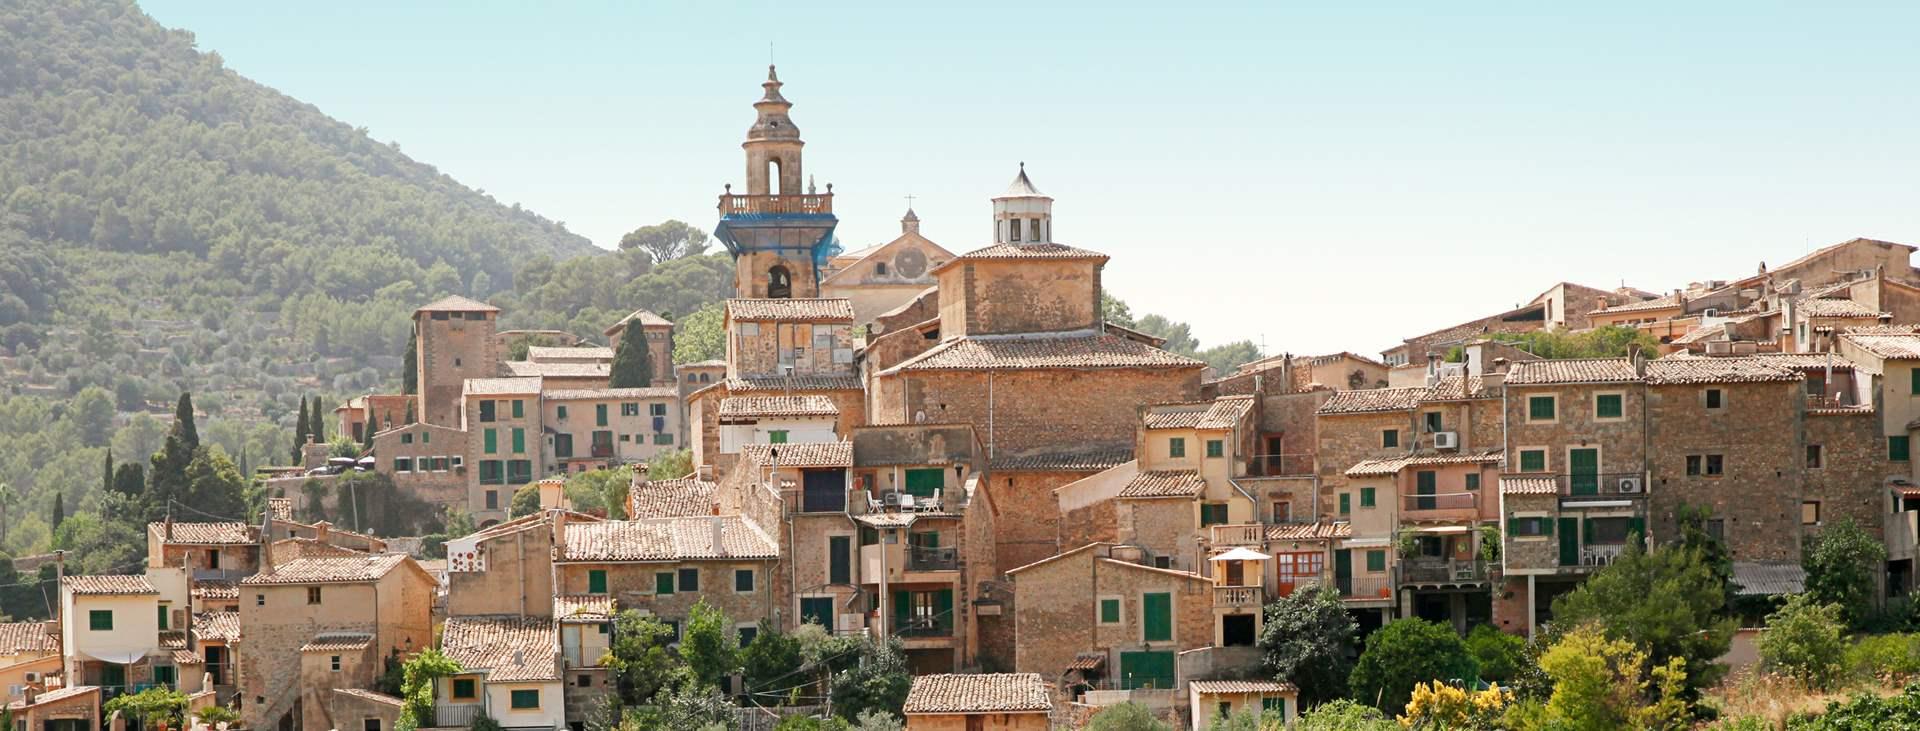 Boka din resa till Valldemossa på Mallorca med Ving